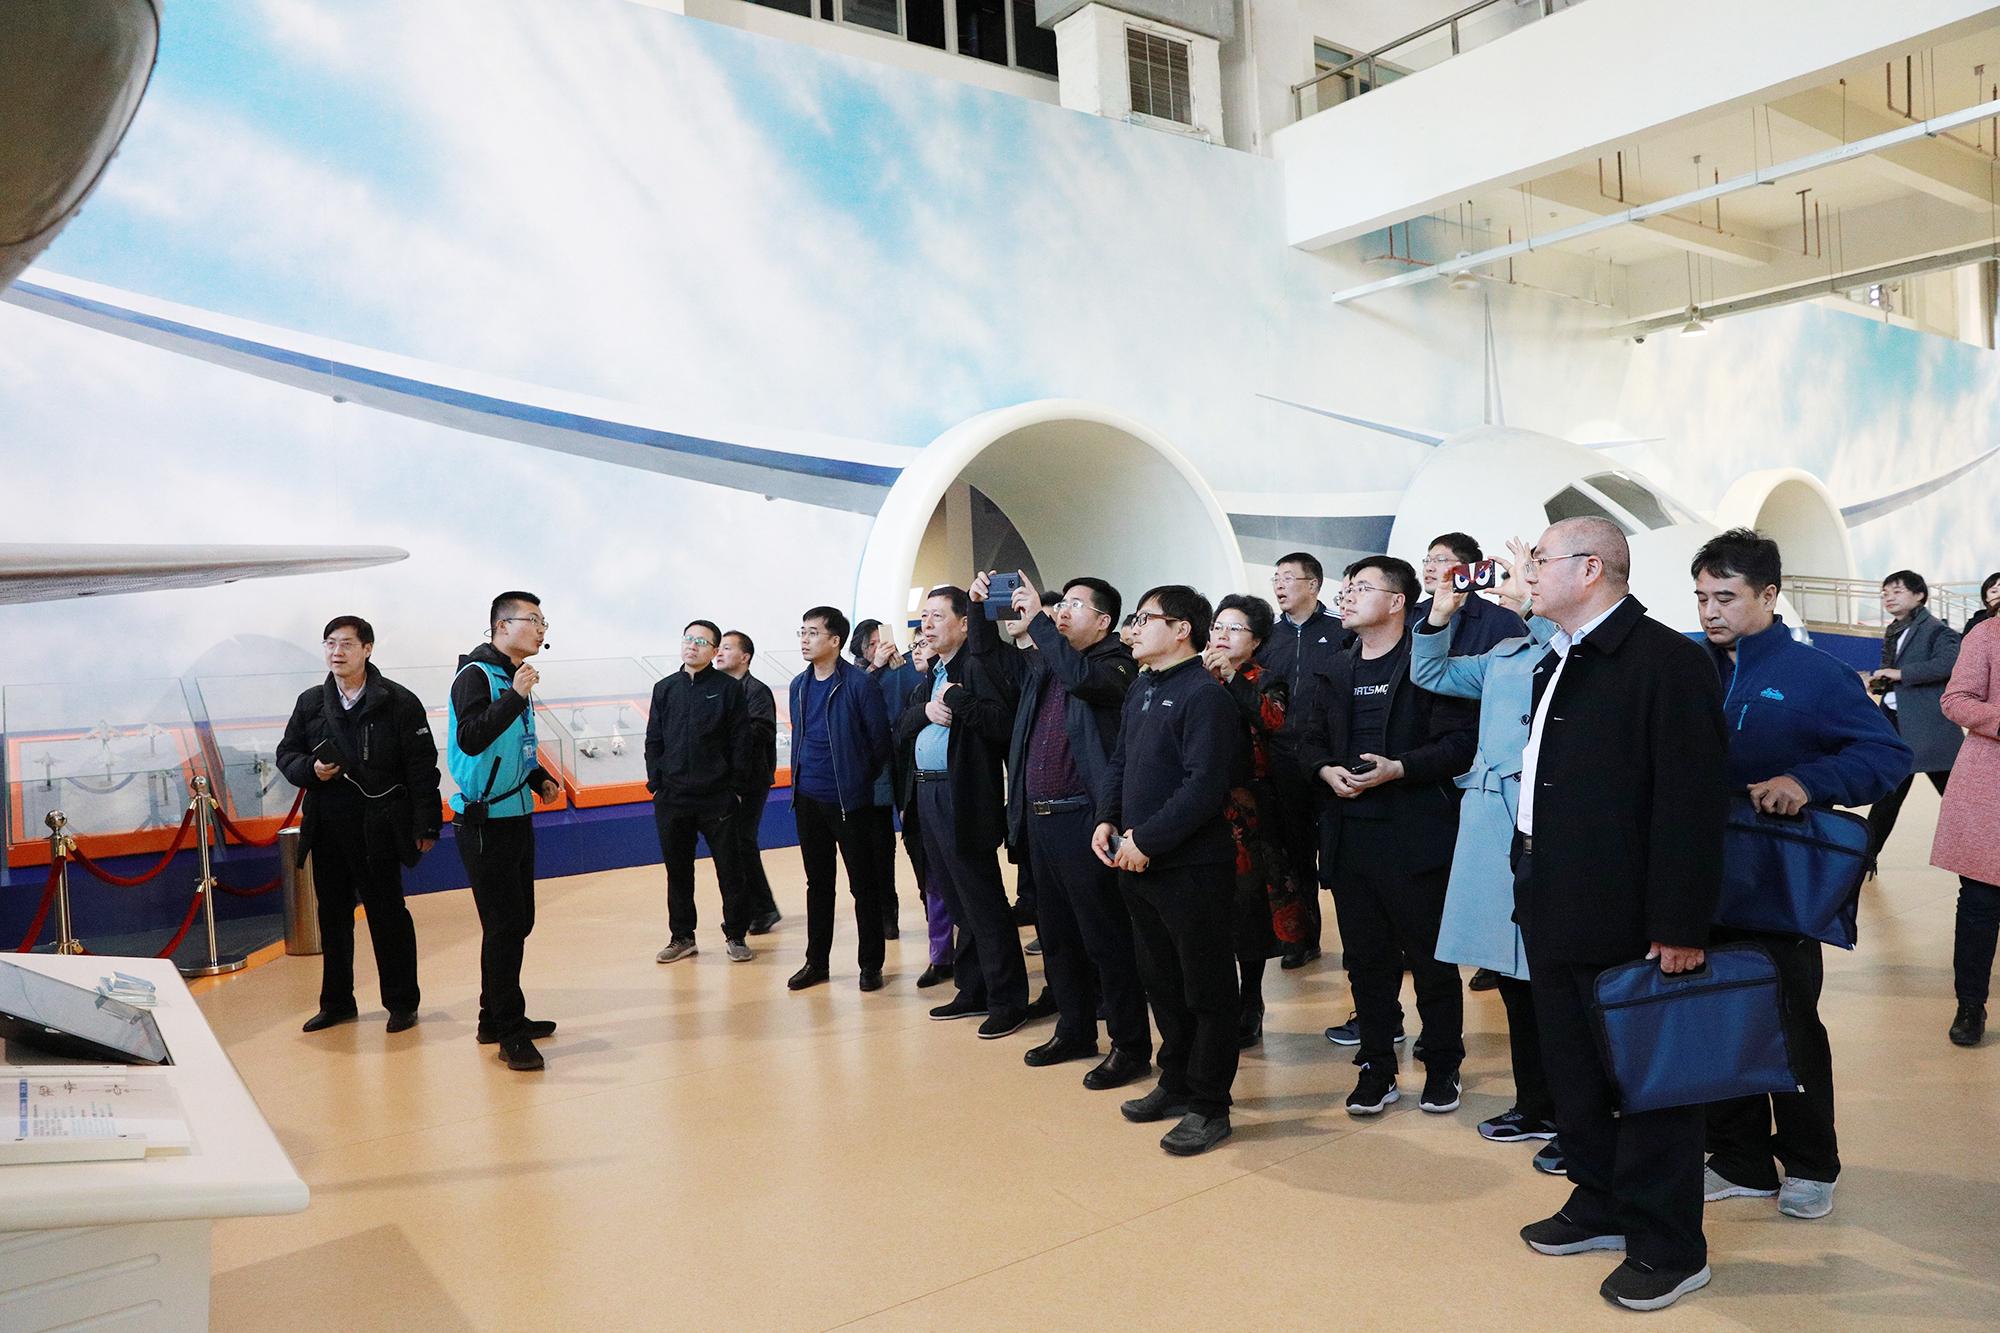 第十八期新任县委宣传部部长培训班学员<br>赴北京航空航天大学学习航空航天精神